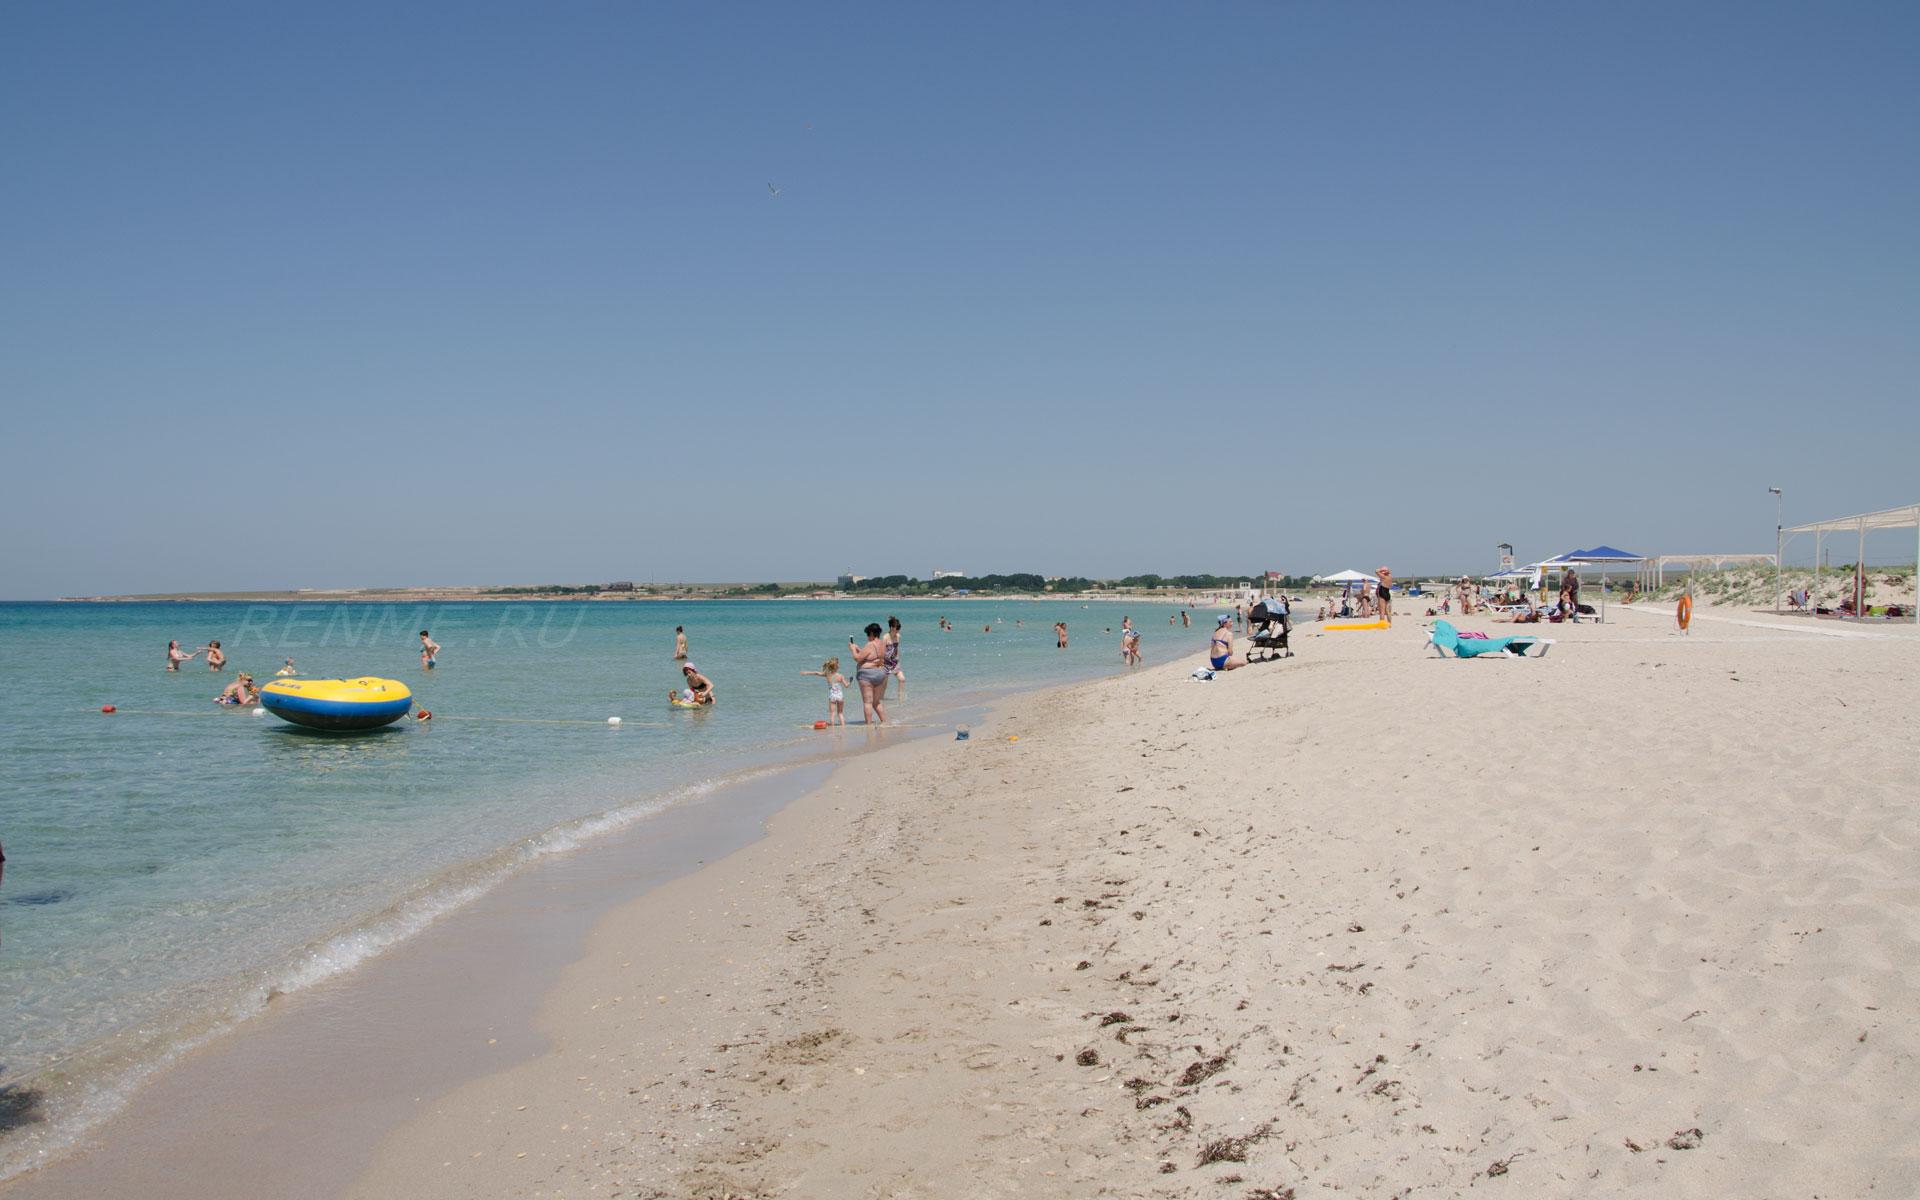 Лучший пляж для детей. Фото Оленевки